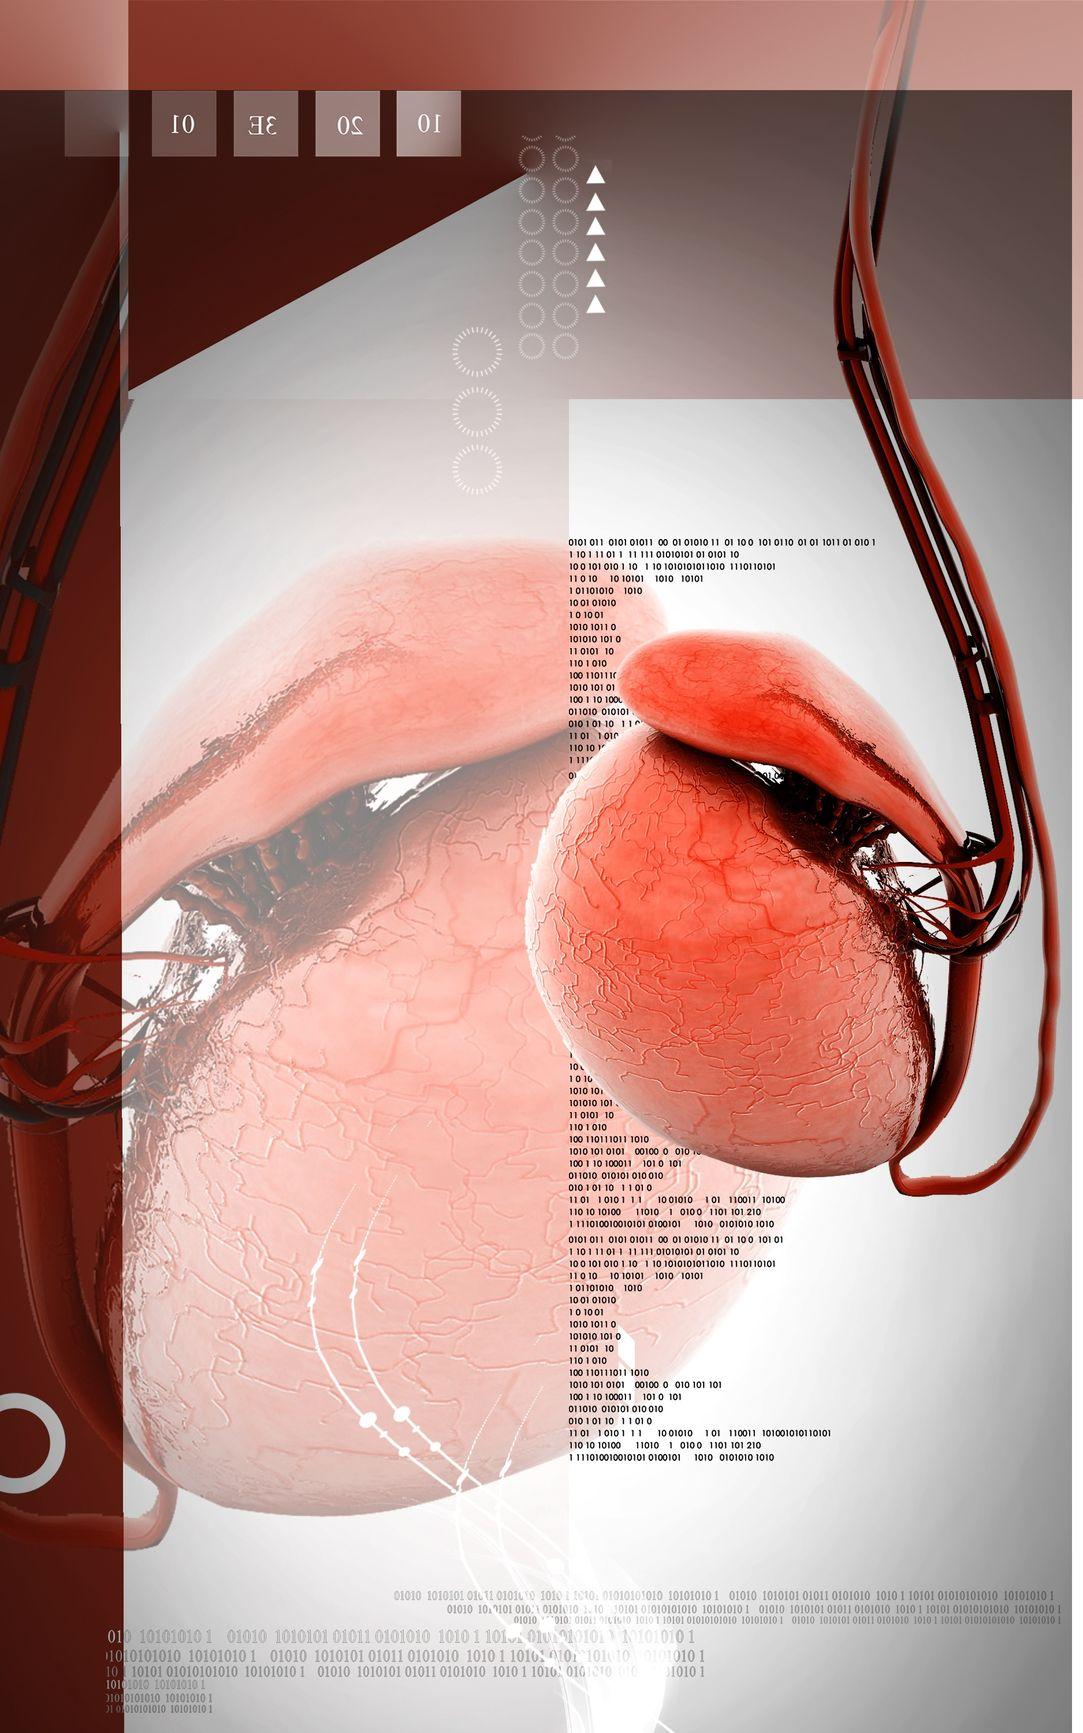 Krónikus prosztatagyulladás 18 éves korig 18 éves krónikus prosztatagyulladás